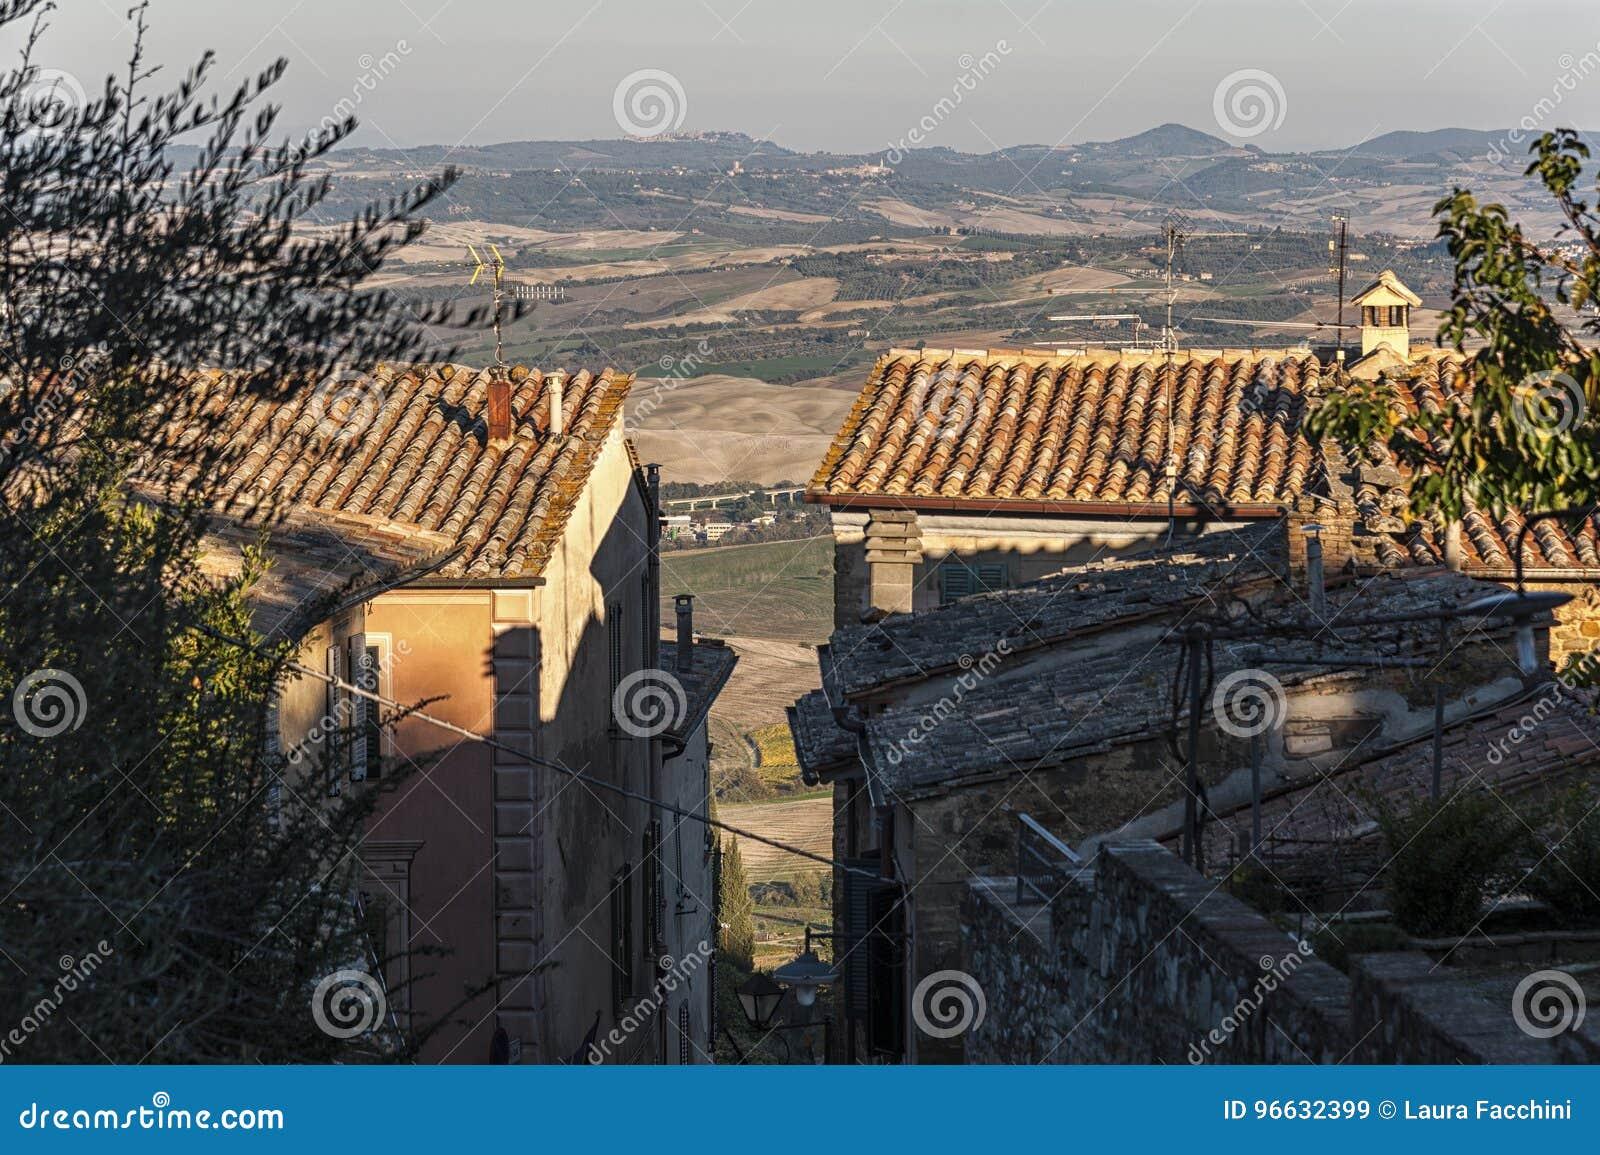 MONTALCINO, TUSCANY/ITALY: PAŹDZIERNIK 31, 2016: Wąska ulica w historycznym centrum Montalcino miasteczko, Val d ` Orcia, Tuscany